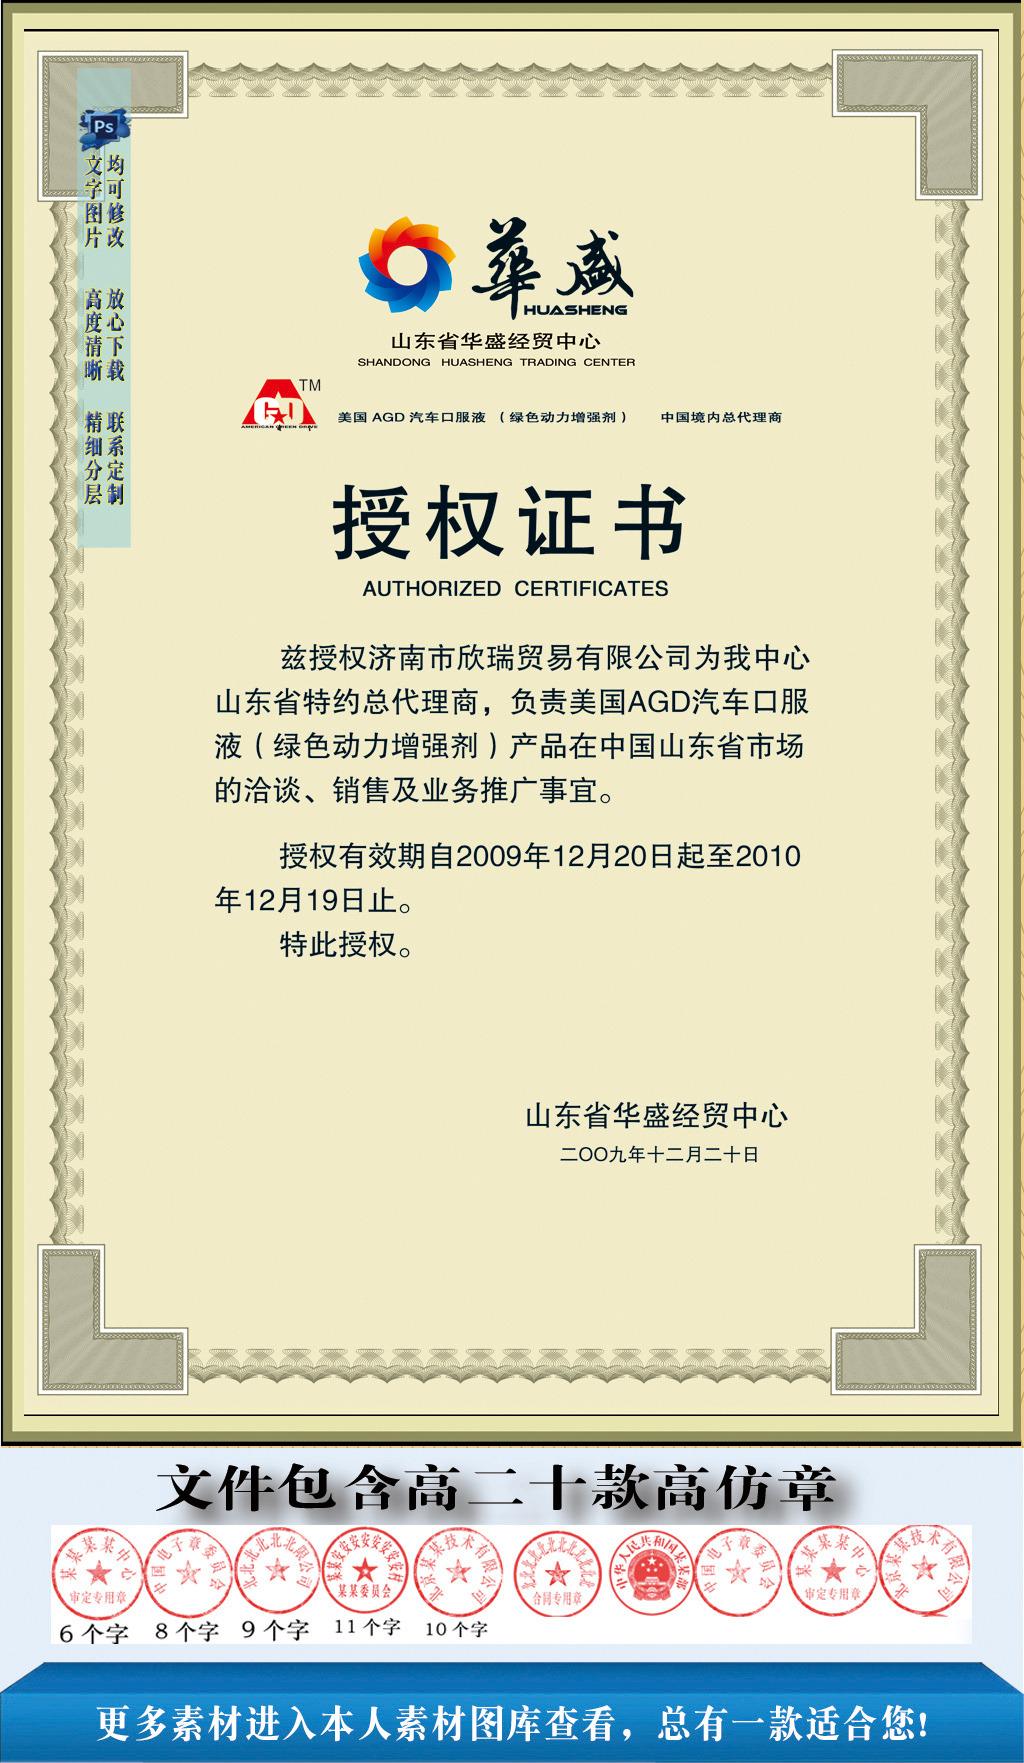 淘宝天猫电商网络专卖授权证书模板下载